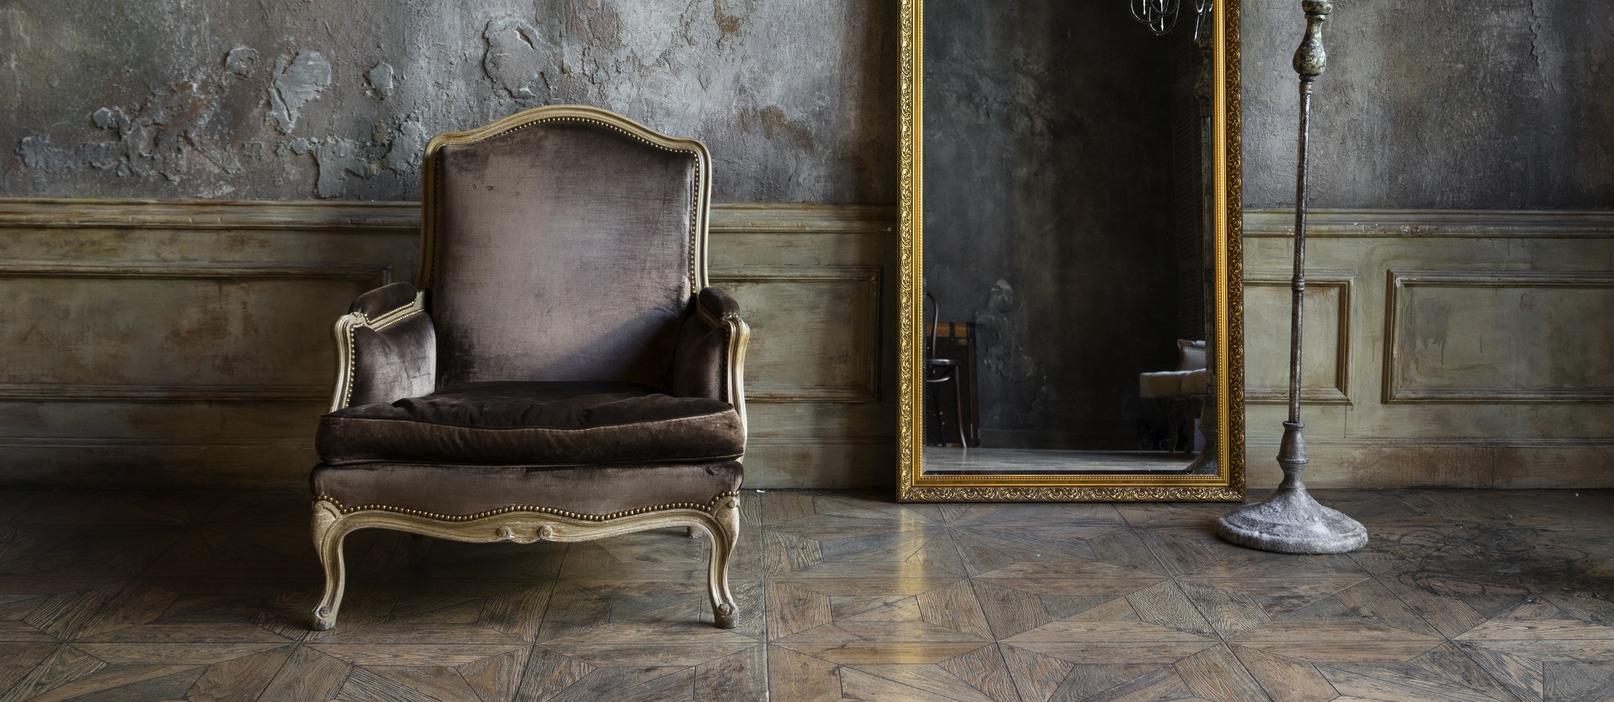 gebrauchte m bel bei freiburg shabby chic antiquit ten. Black Bedroom Furniture Sets. Home Design Ideas